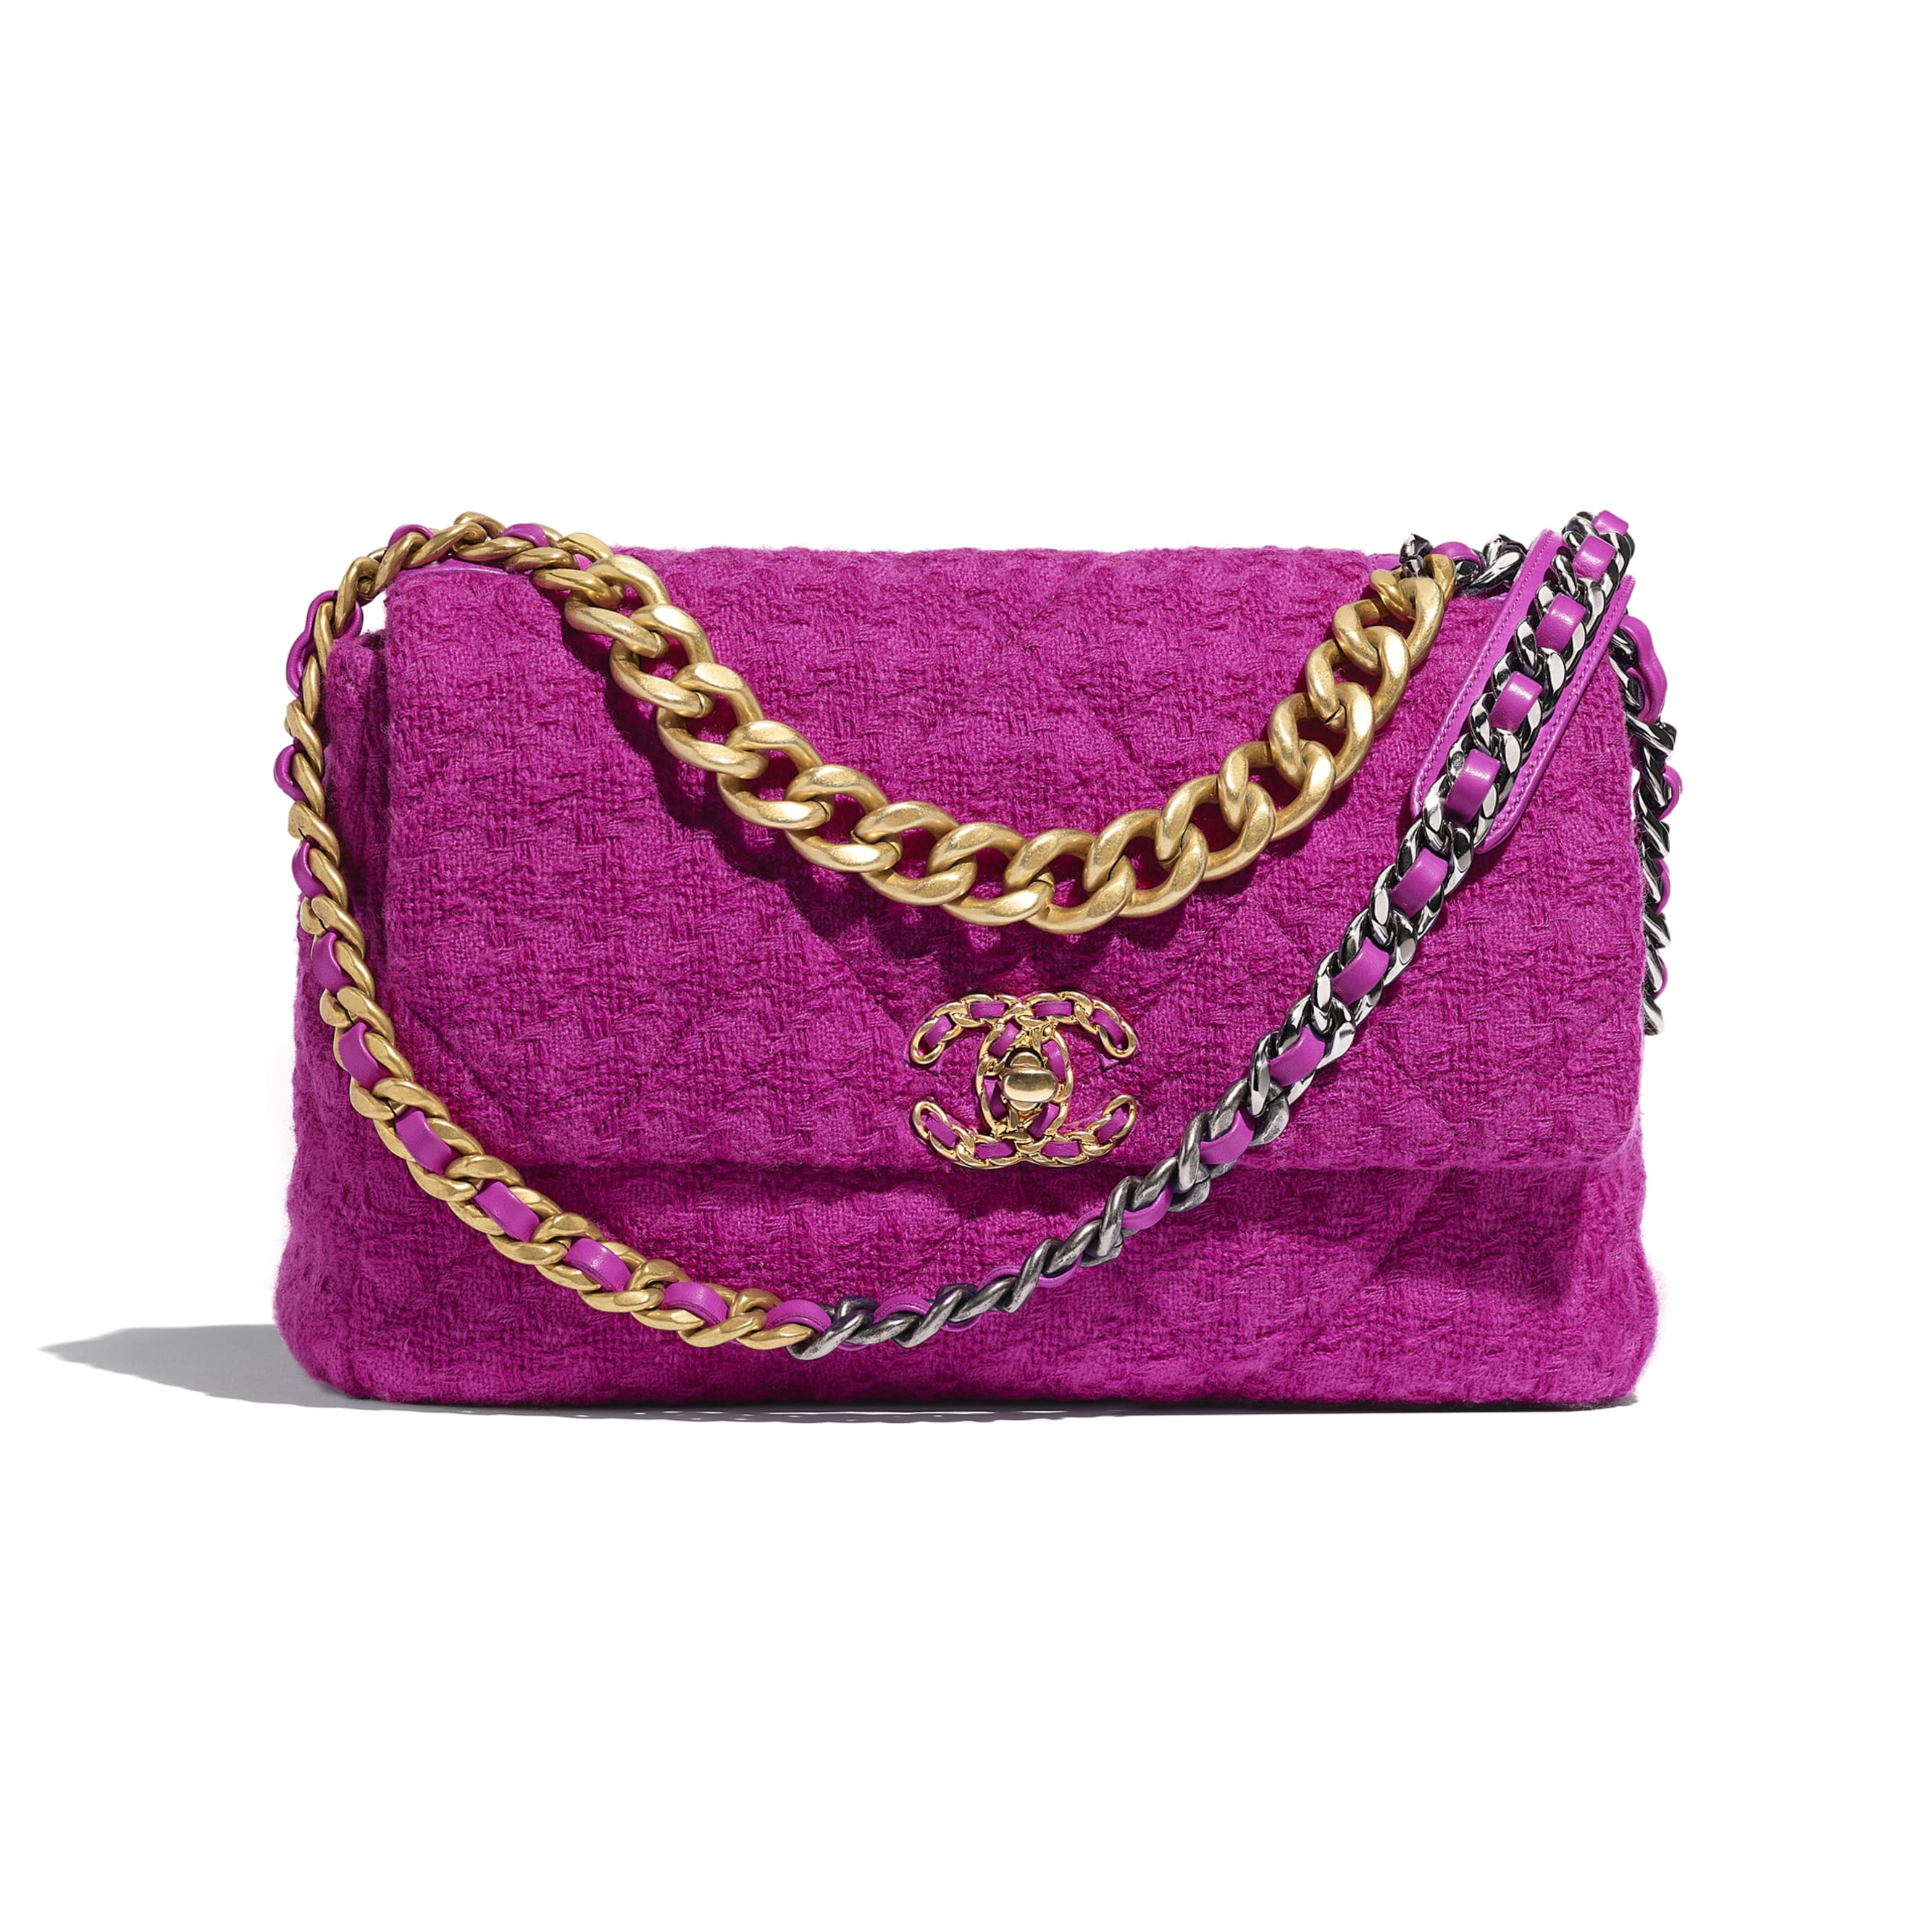 Duża torba CHANEL 19 z klapką - Kolor fuksji - Tweed wełniany, metal z rutenowym wykończeniem w tonacji złotej i srebrnej - Widok domyślny – zobacz w standardowym rozmiarze